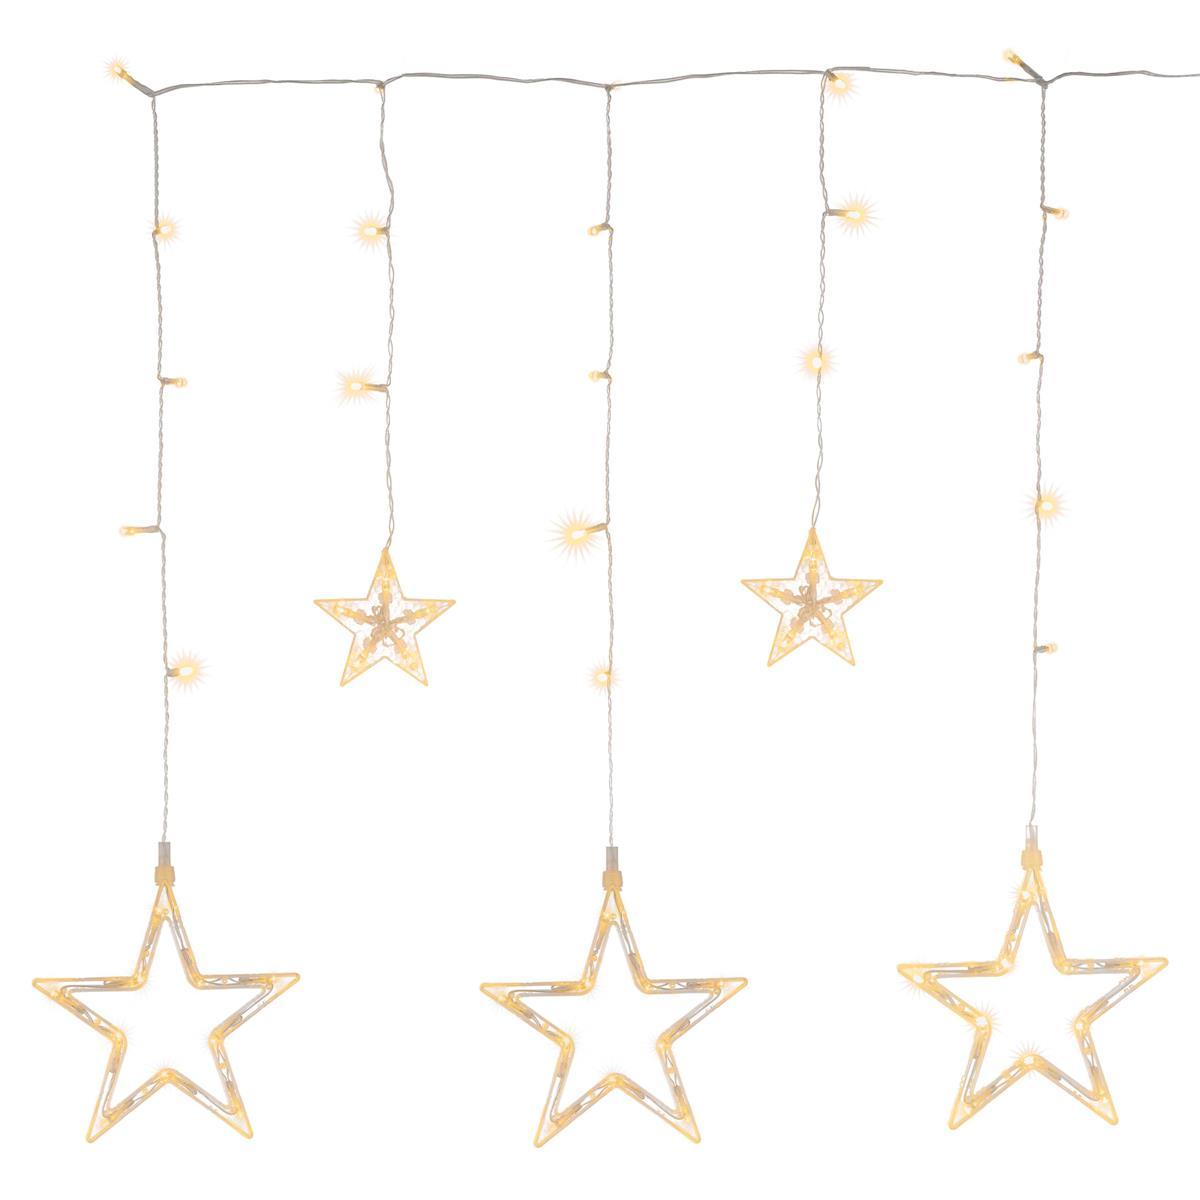 Sternenvorhang 61 LED warm weiß Lichterkette Lichtervorhang Timer Batterie